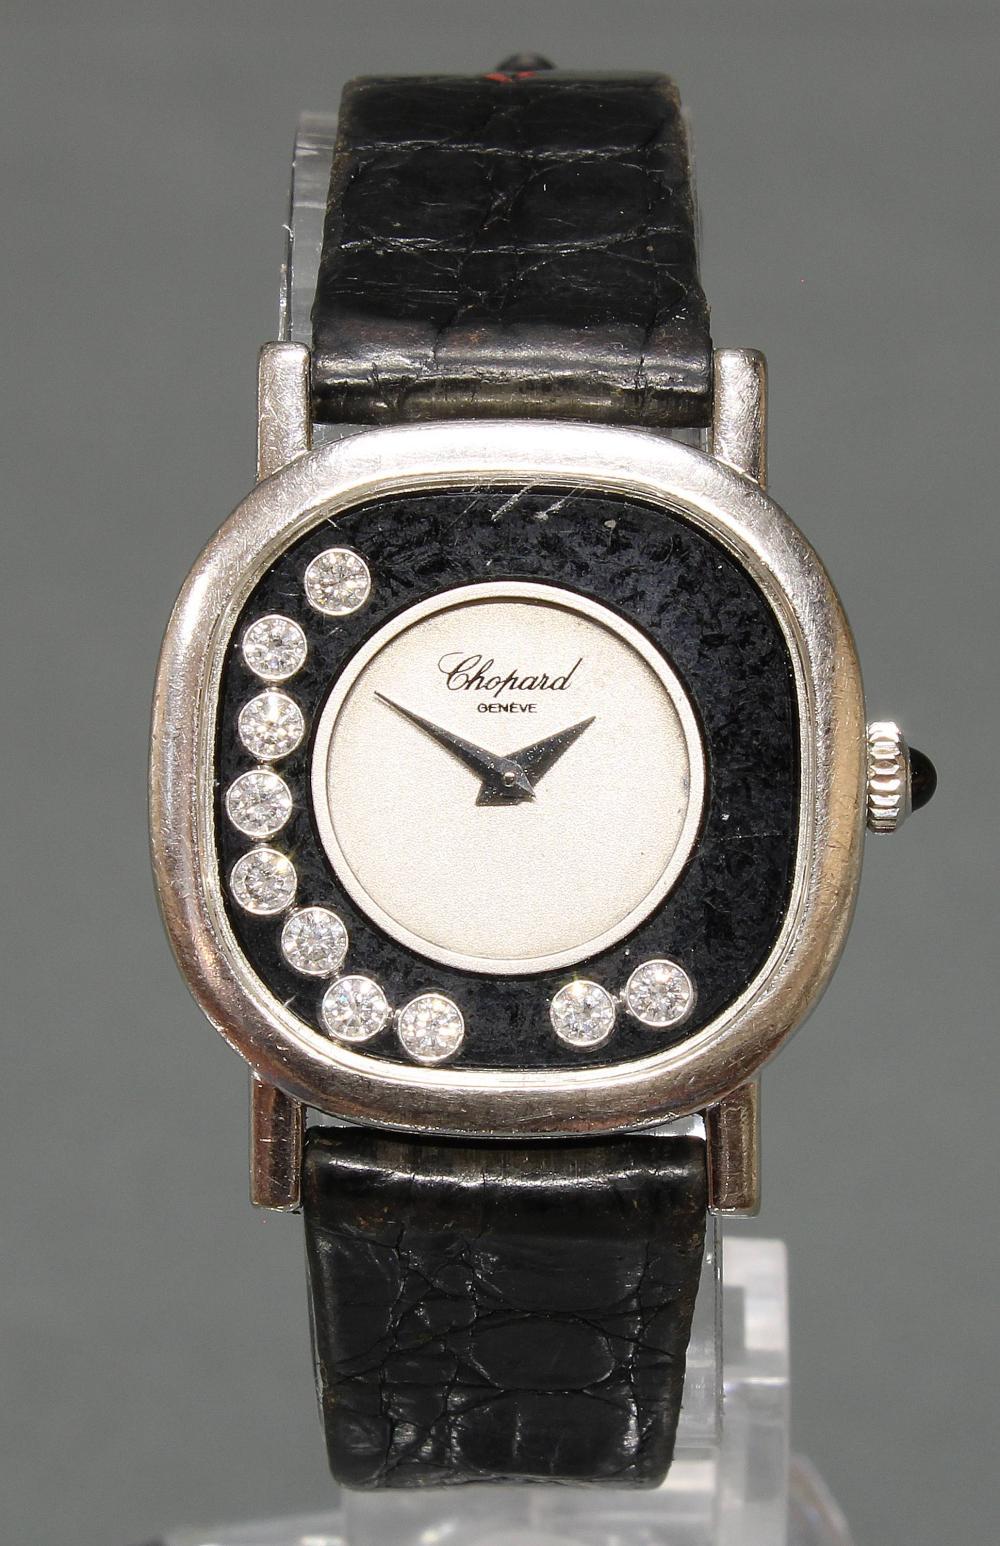 Damenarmbanduhr, Chopard, Modell 'Happy Diamonds', WG 750, Gehäuse-Nr. 132443/50895, Quarz, unter Glas auf dem Onyx-Ziffernring 10 bewegliche Brillanten, silberfarbenes Zifferblatt, funktionstüchtig (ohne Gewähr), original Krokoband mit Dornschließe